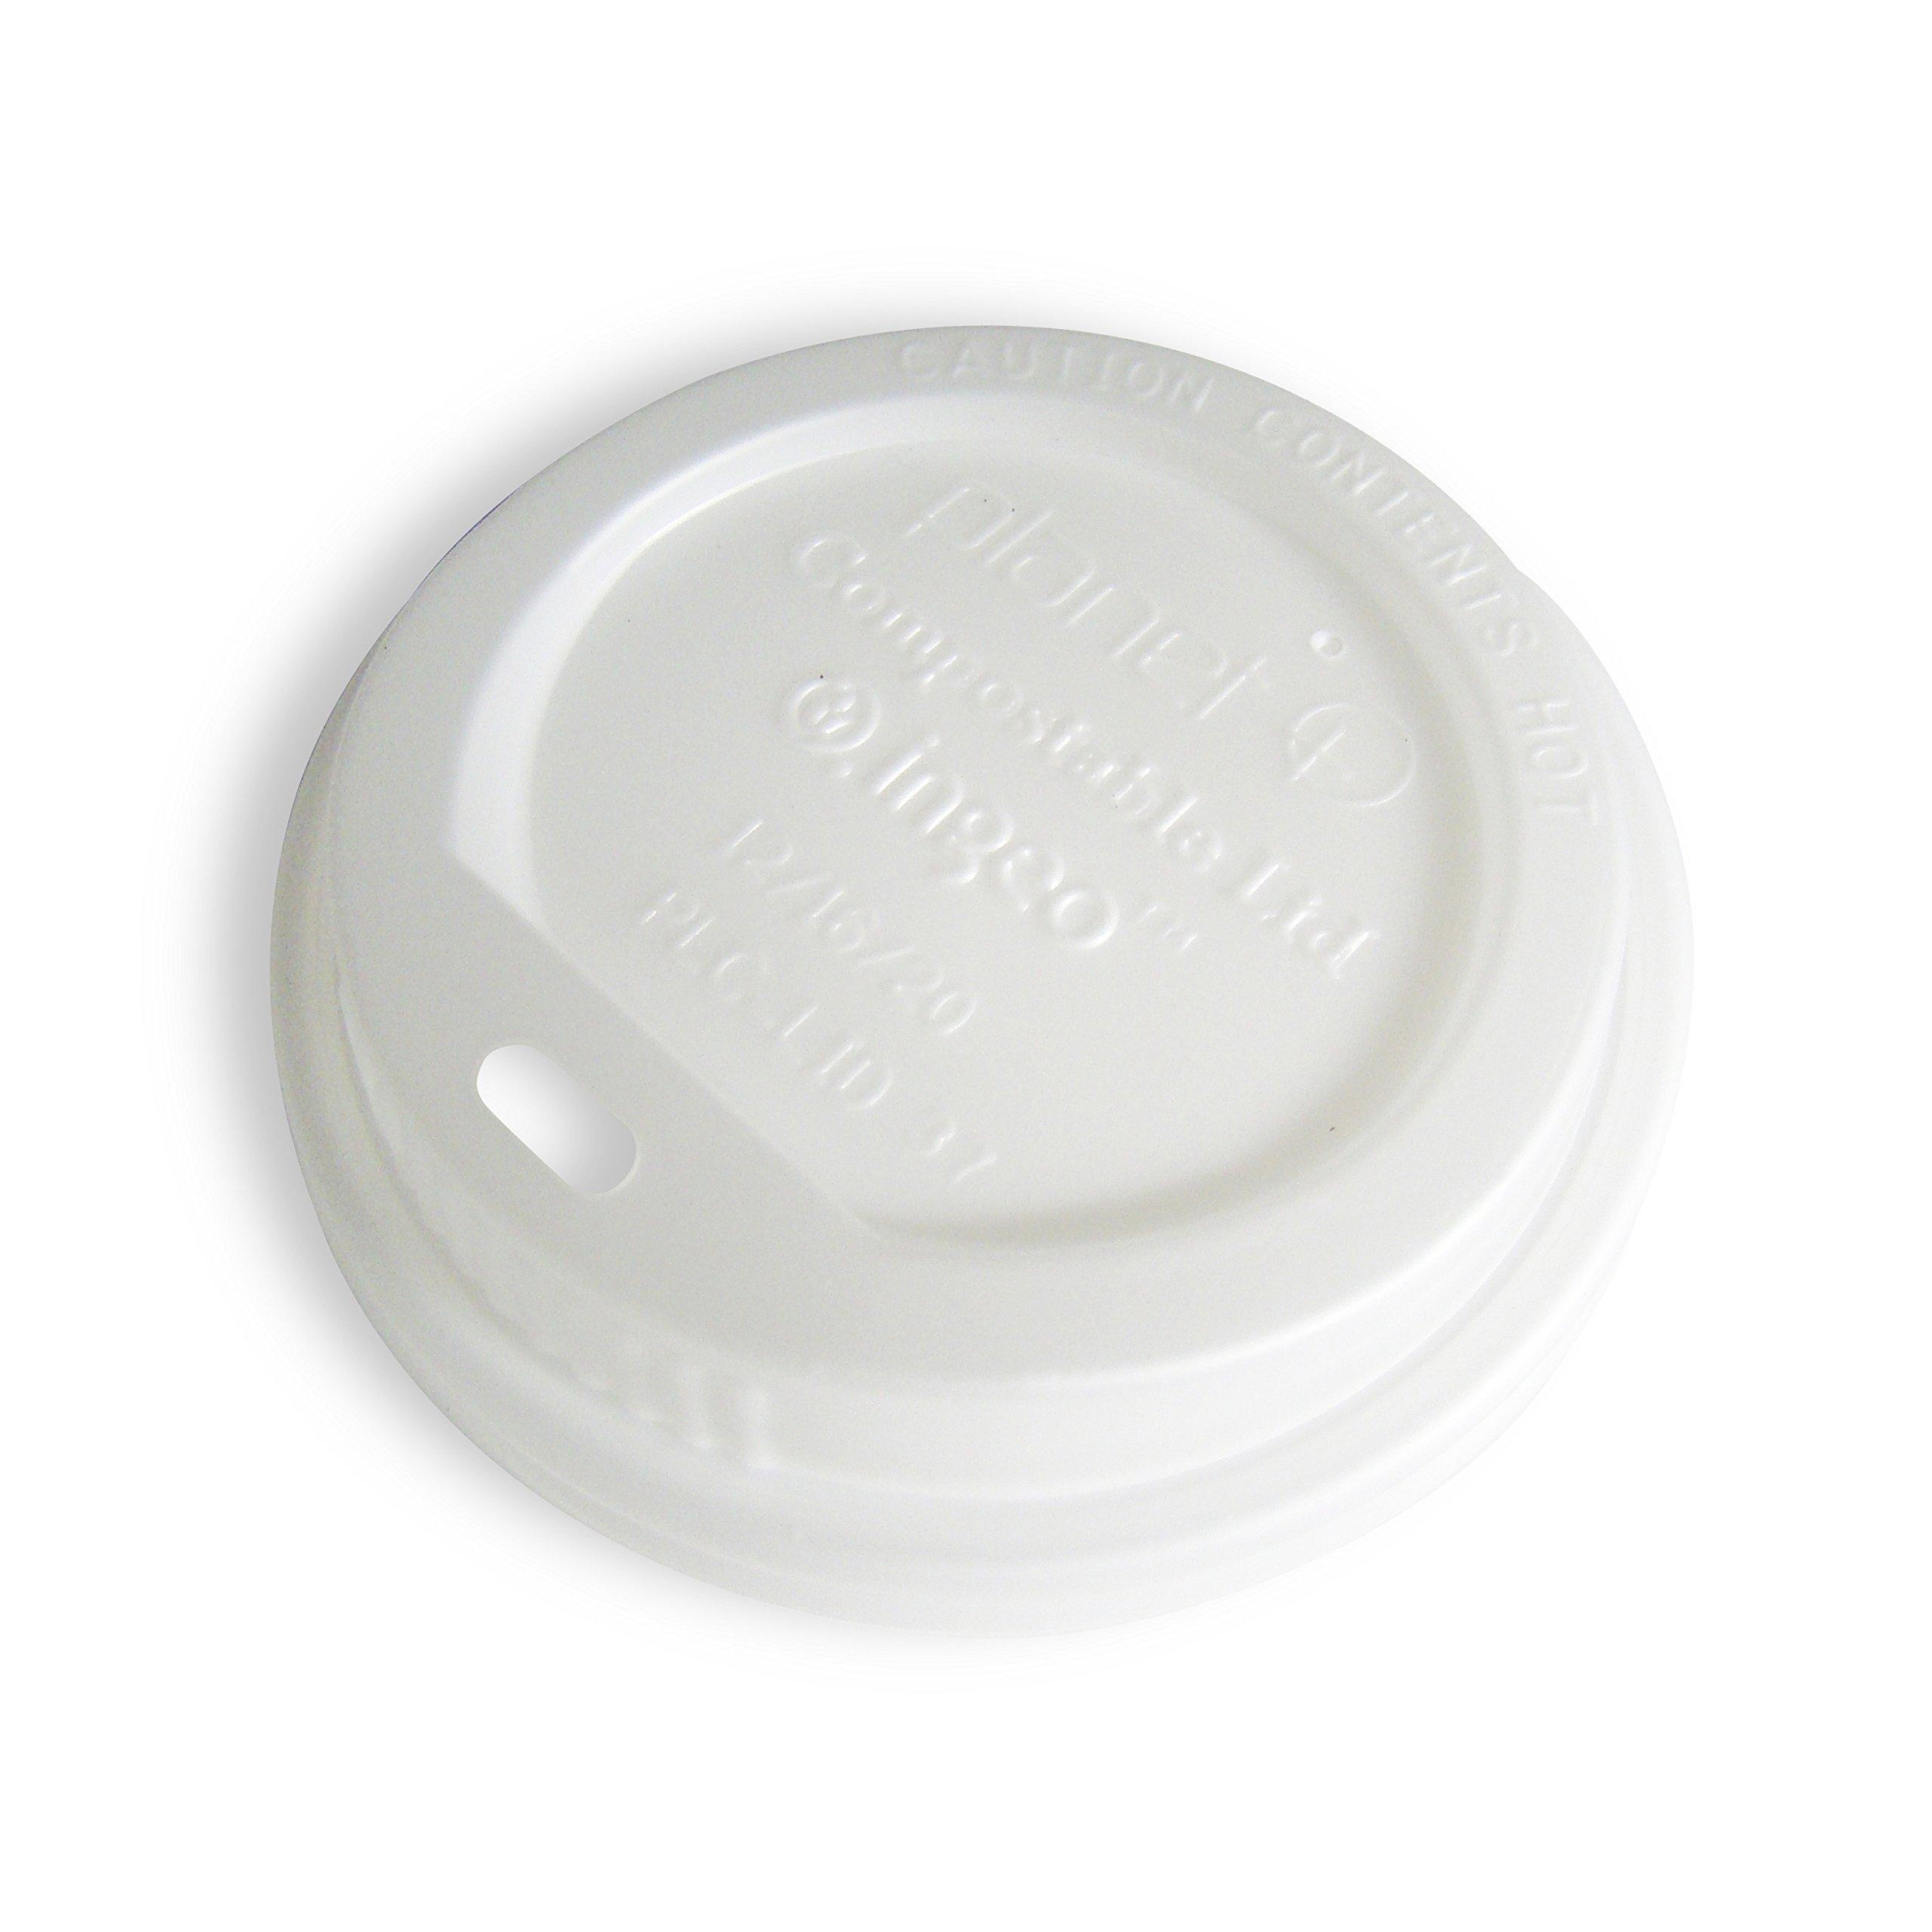 Planet + 100% Compostable PLA Hot Cup Lid, Fits 12/16/20 oz Single Wall Hot Cups and 12/16 oz Double Wall Hot Cups, 500-Count Case